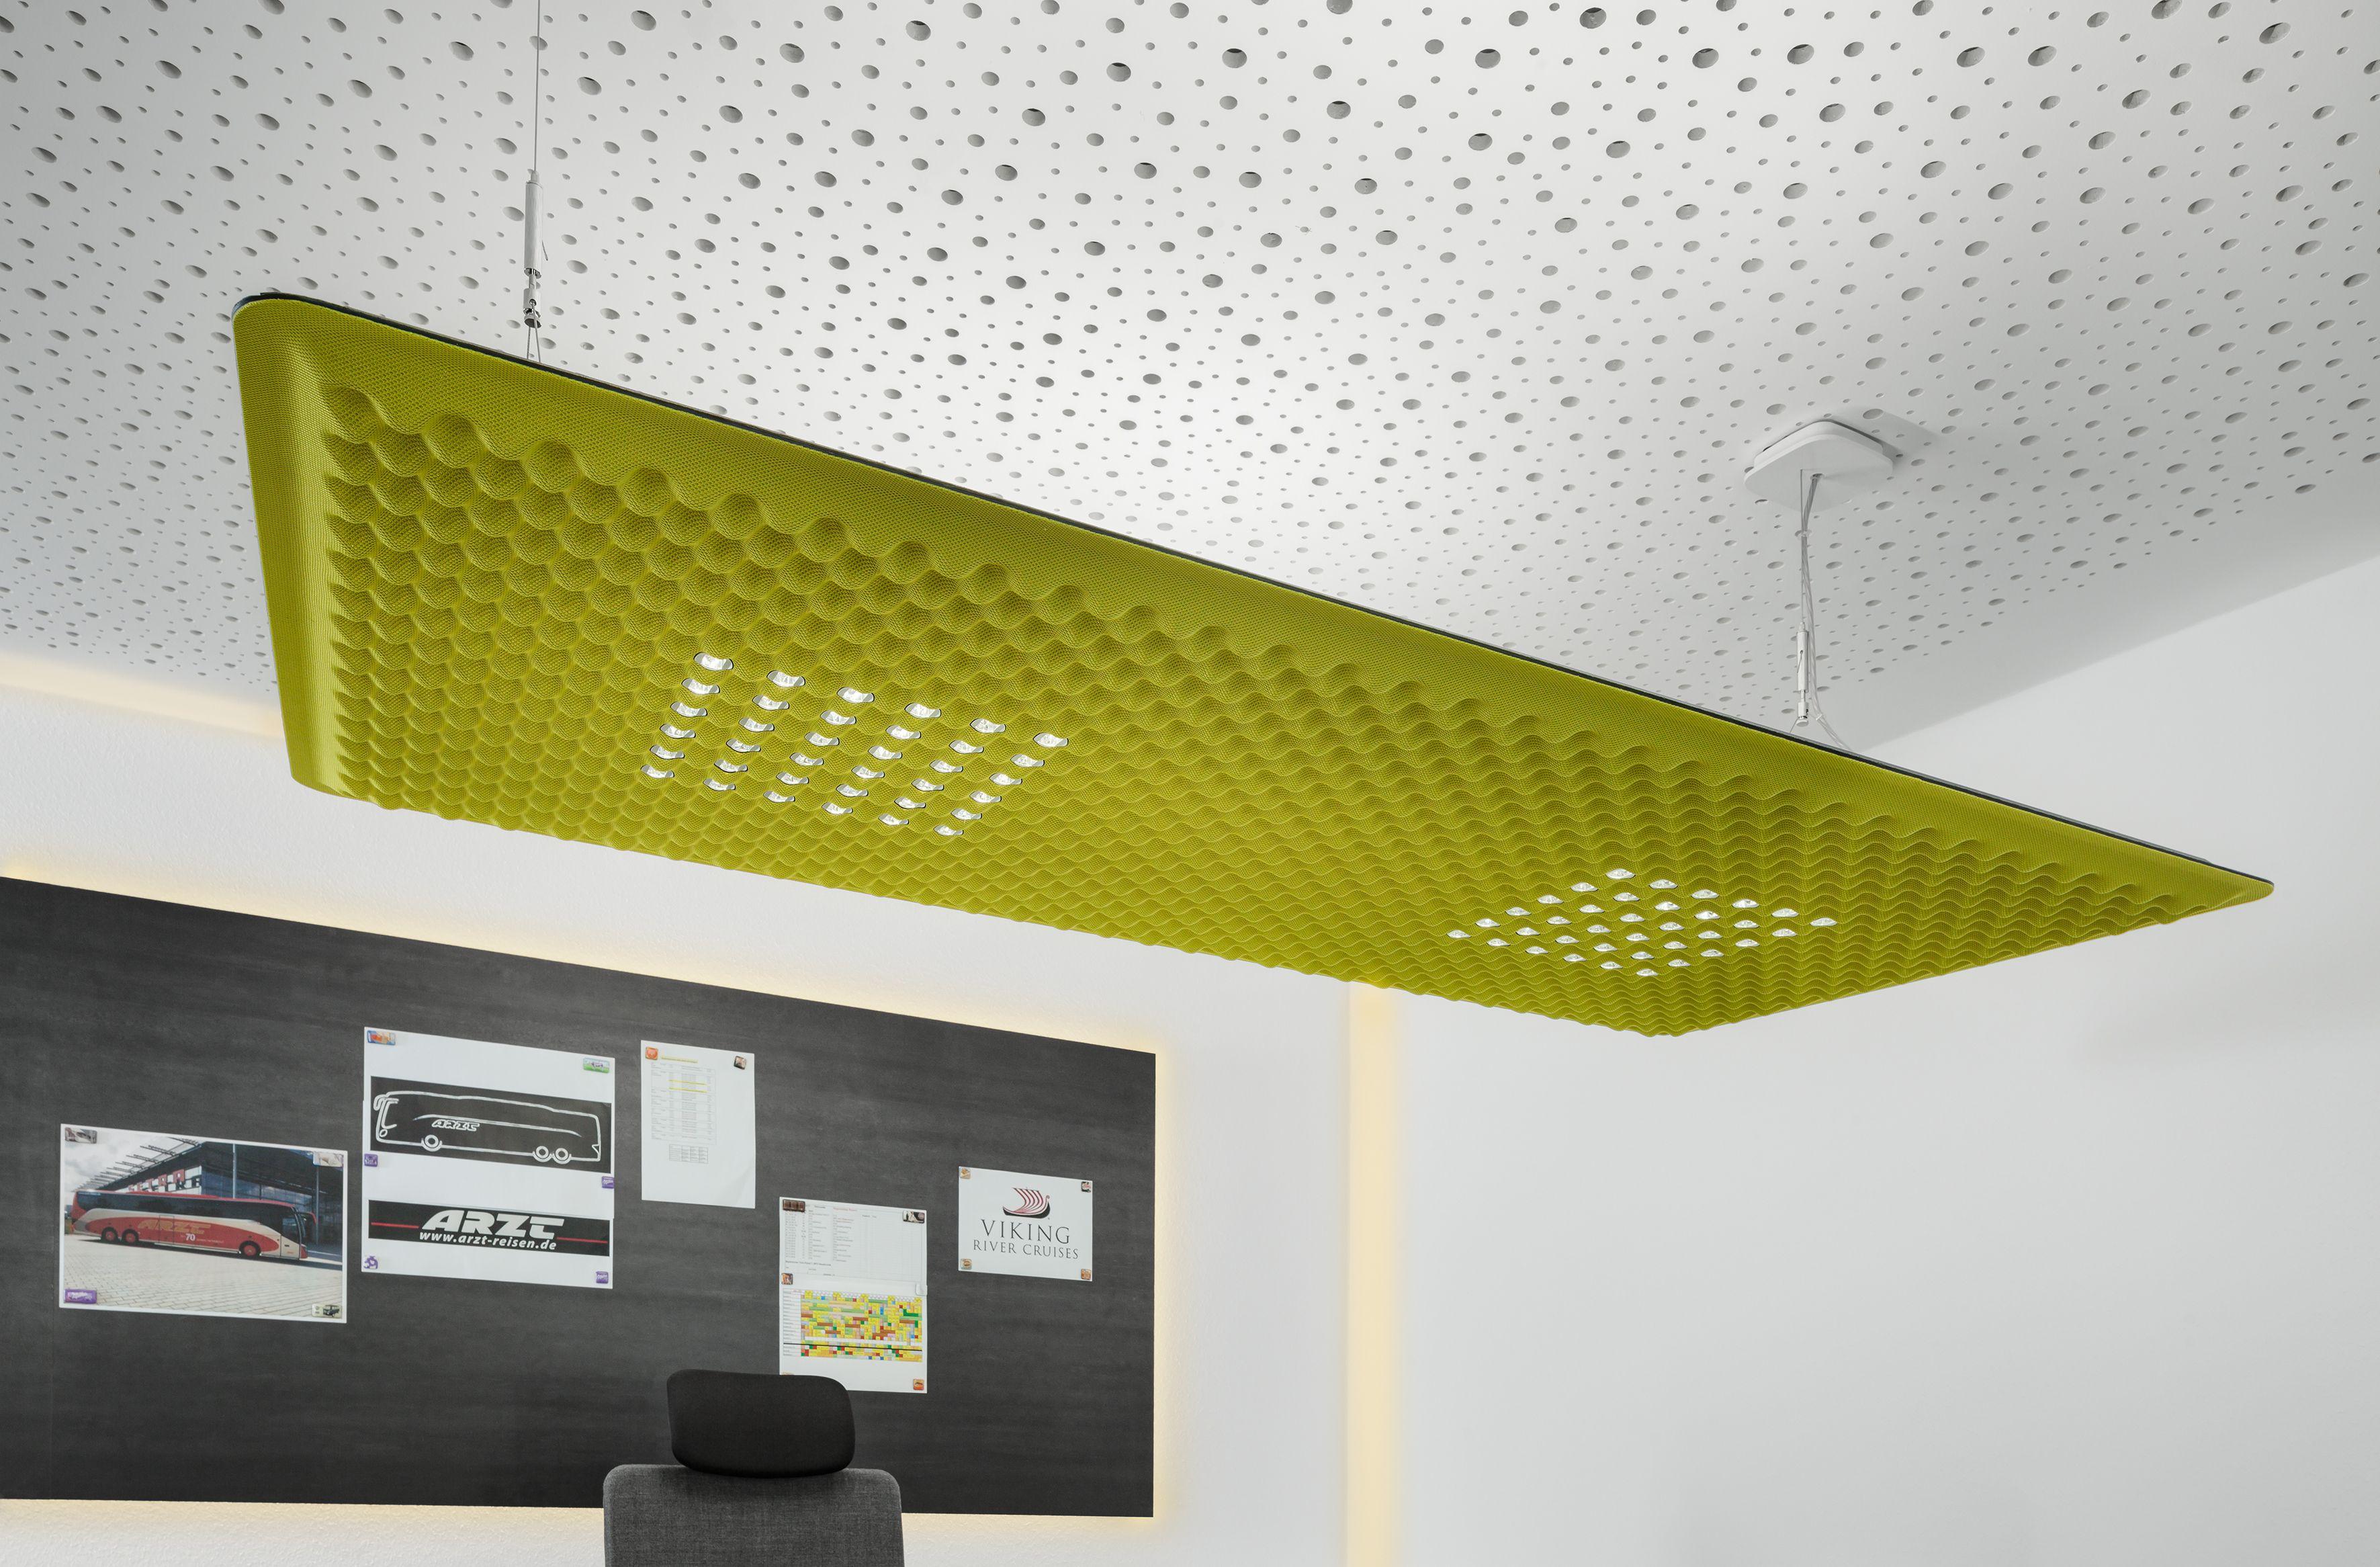 akustikdecke gr n lampe deckenabsorber stahl magnettafel radikal rational ludwig arzt. Black Bedroom Furniture Sets. Home Design Ideas